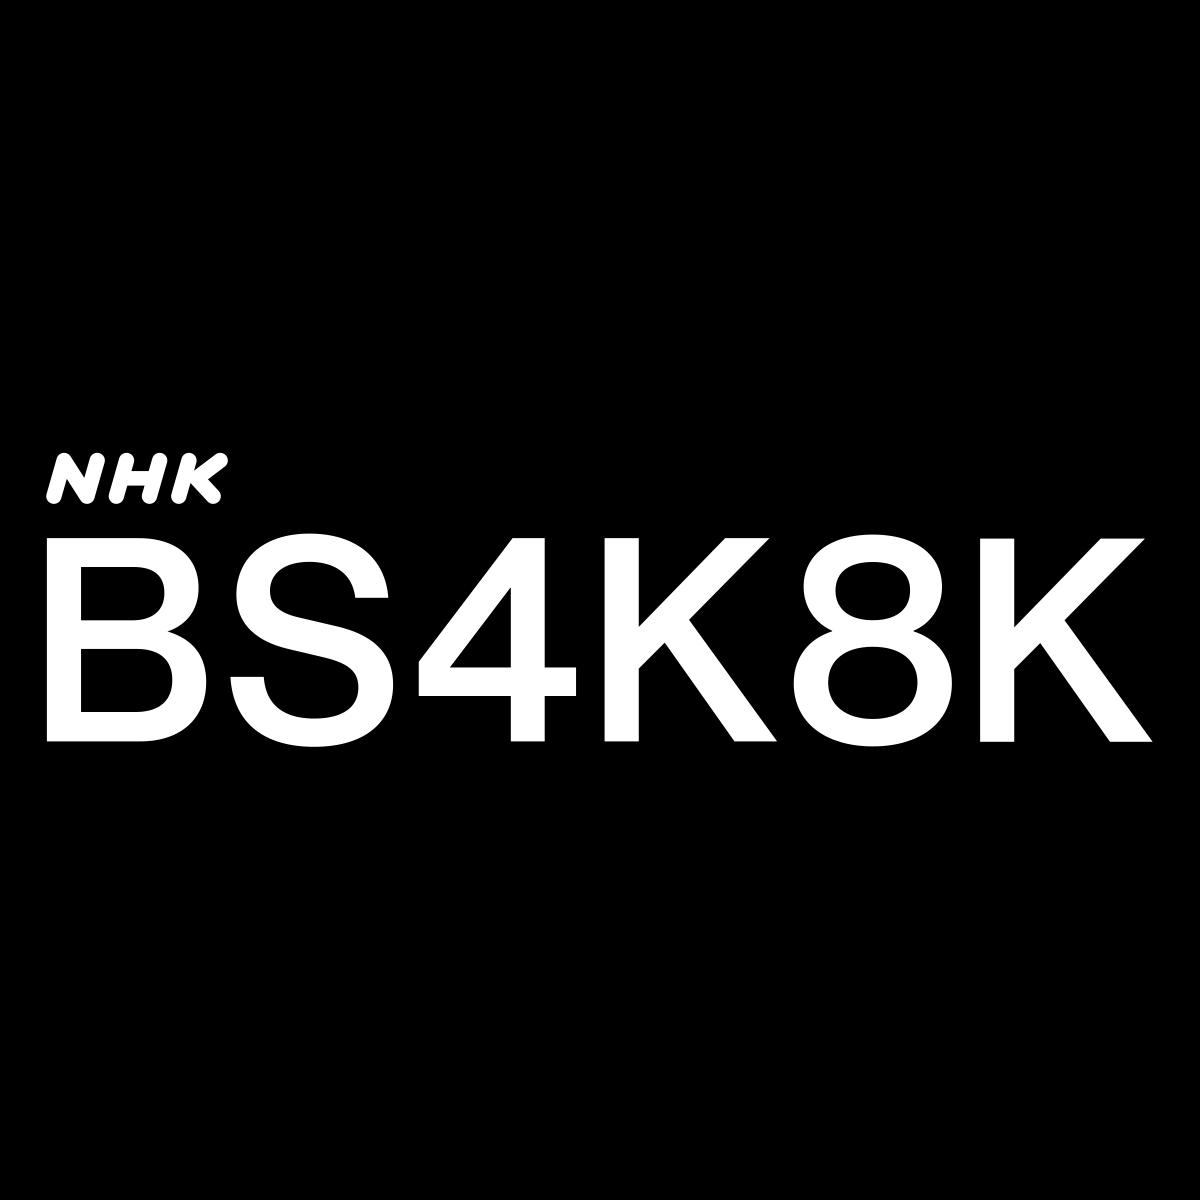 画像: NHK BS4K・BS8K|NHK